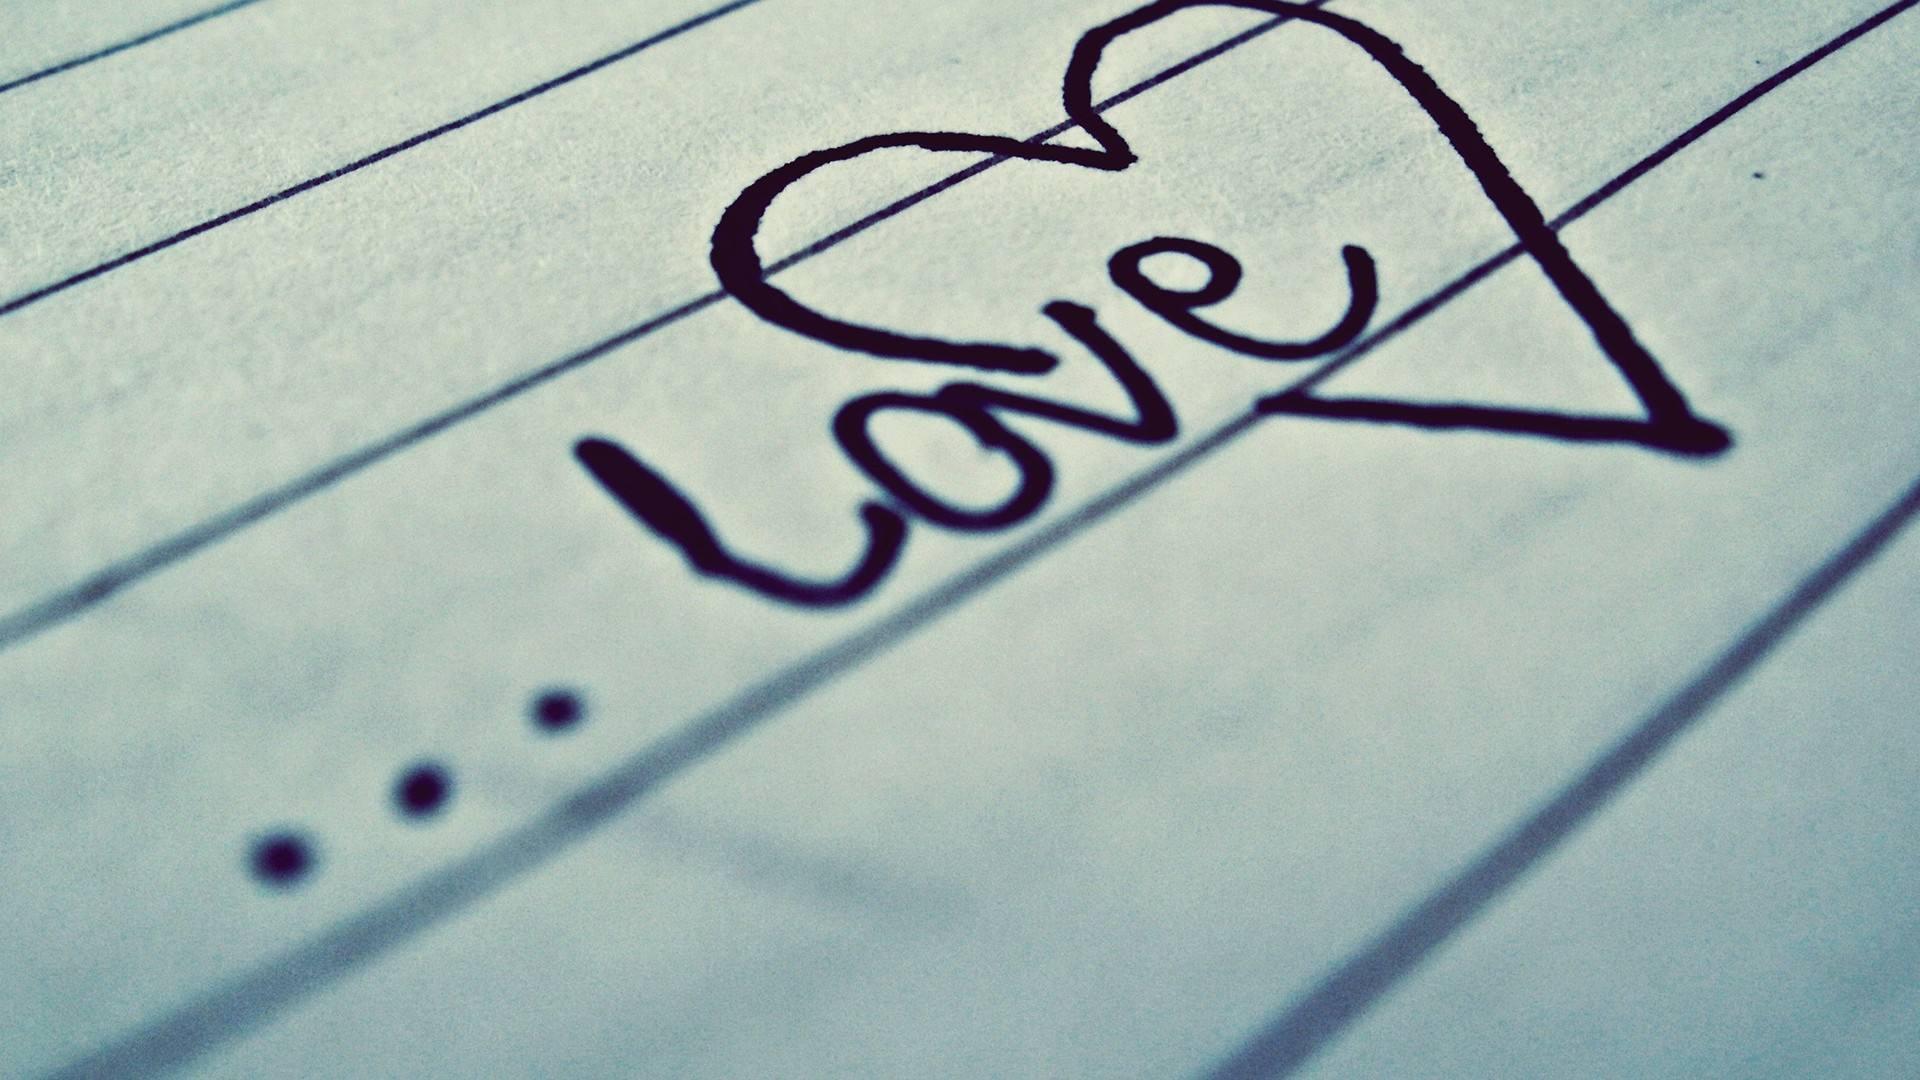 想做你的唯一的伤感爱情说说:那个唯一,心里那个位置永远放着同一个人